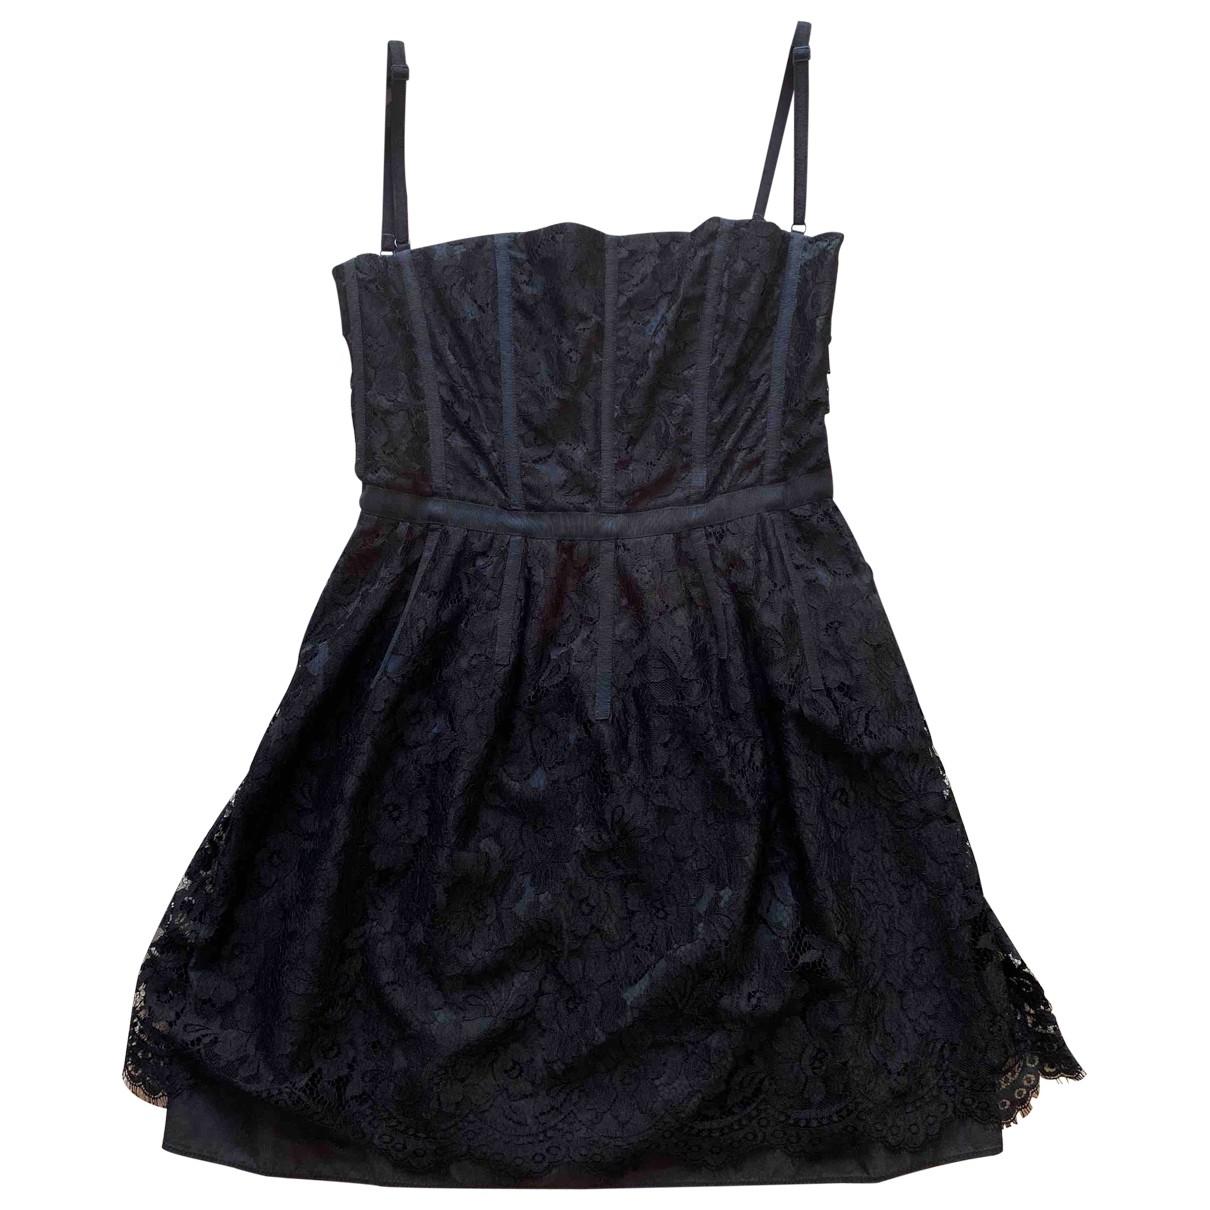 D&g - Robe   pour femme en dentelle - noir